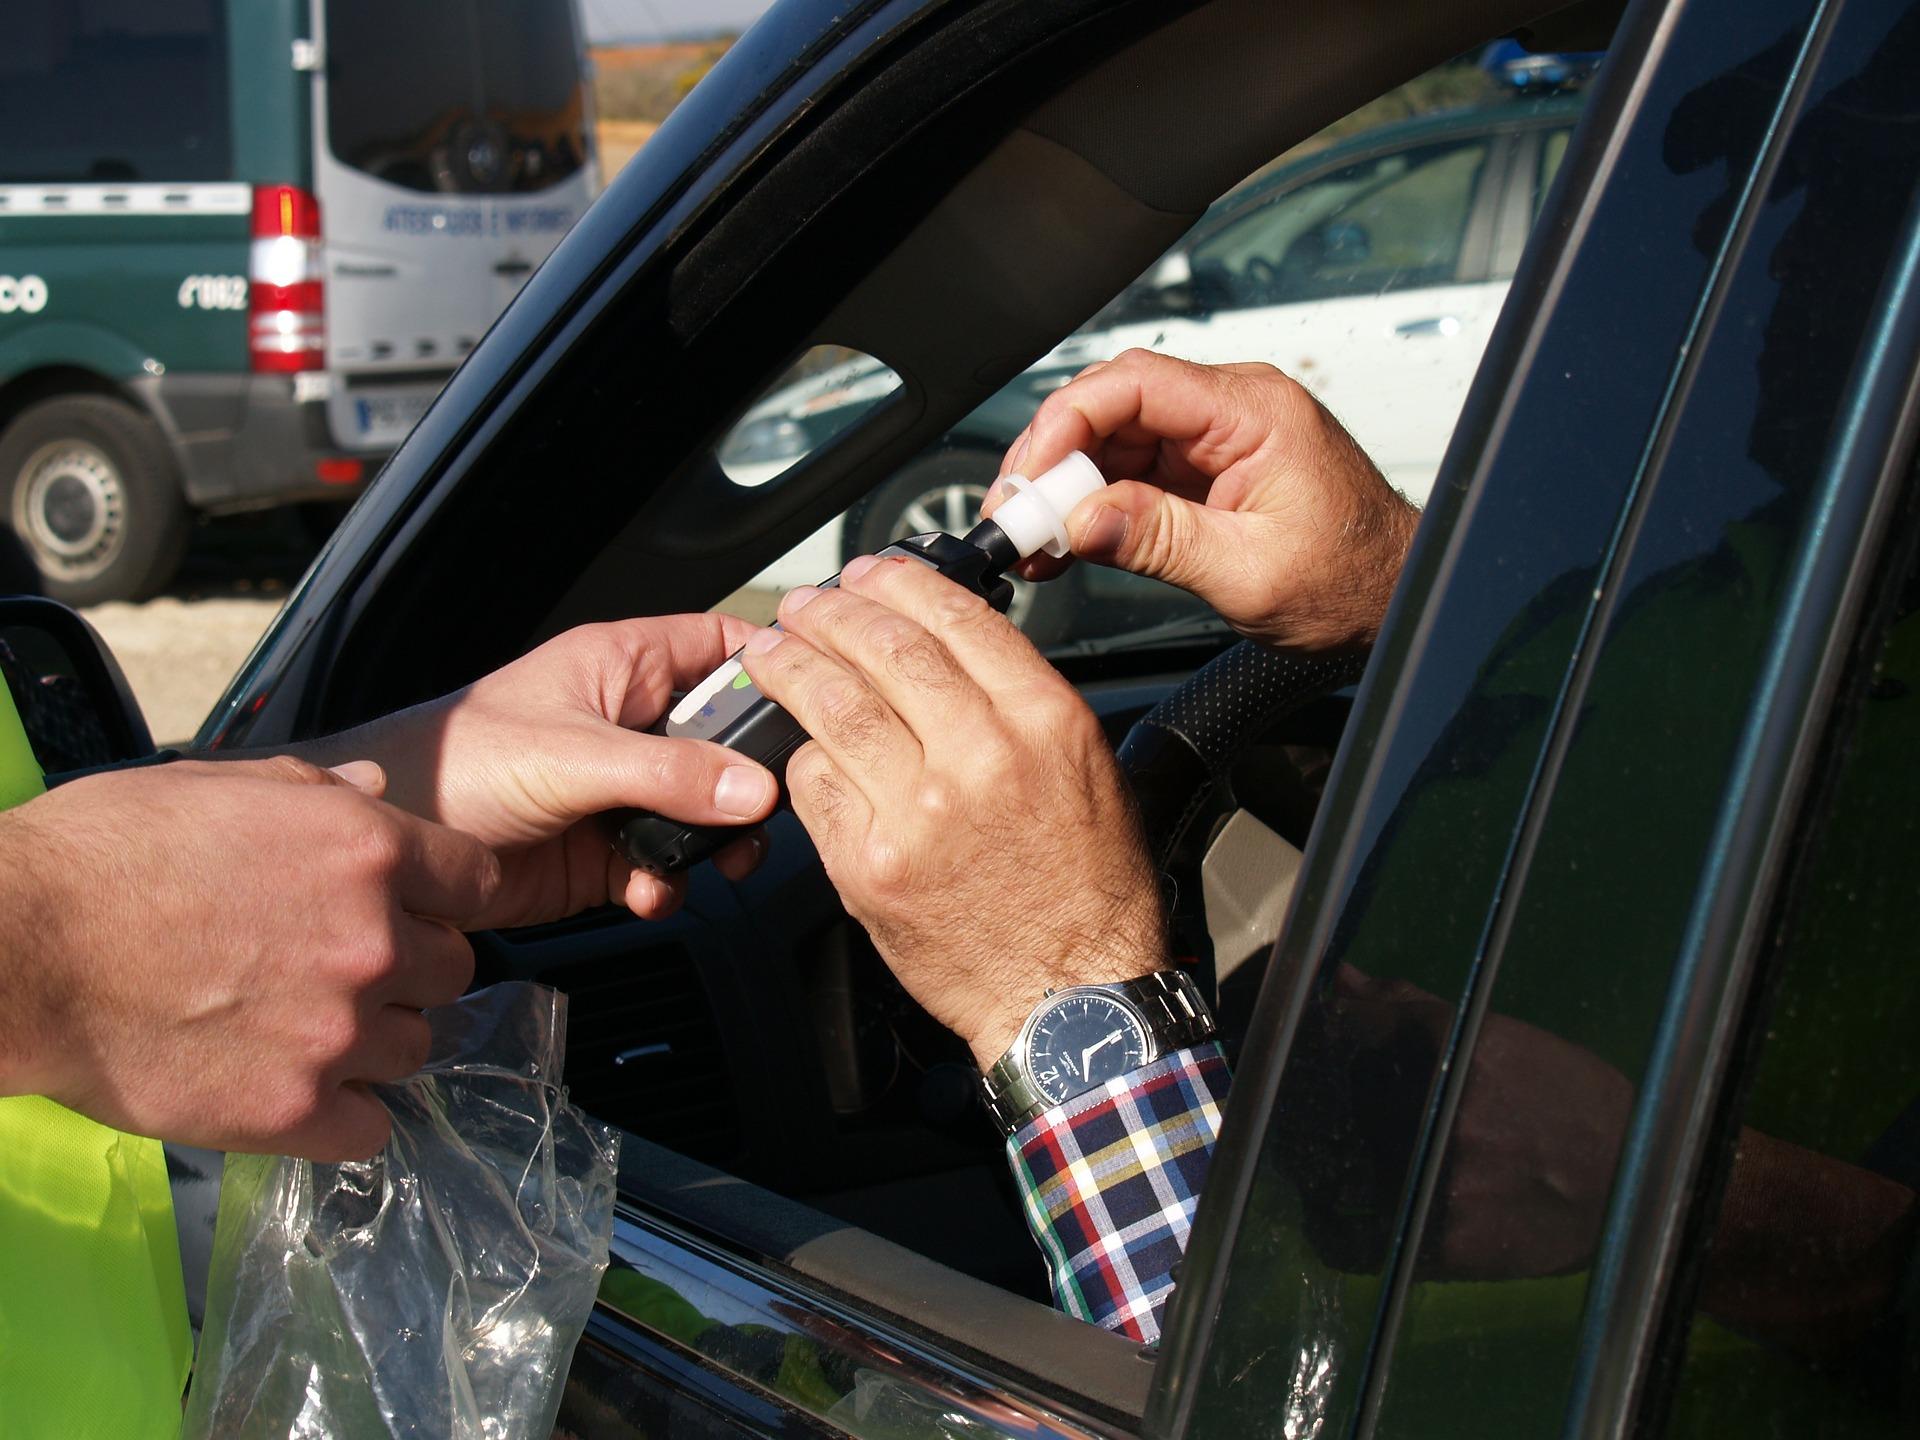 5. Conducir bajo los efectos del alcohol incrementa el riesgo de accidente, pero solamente 34 países, con una población de 2.100 millones de personas, tienen leyes sobre la conducción bajo los efectos del alcohol que se ajustan a las prácticas óptimas al respecto.